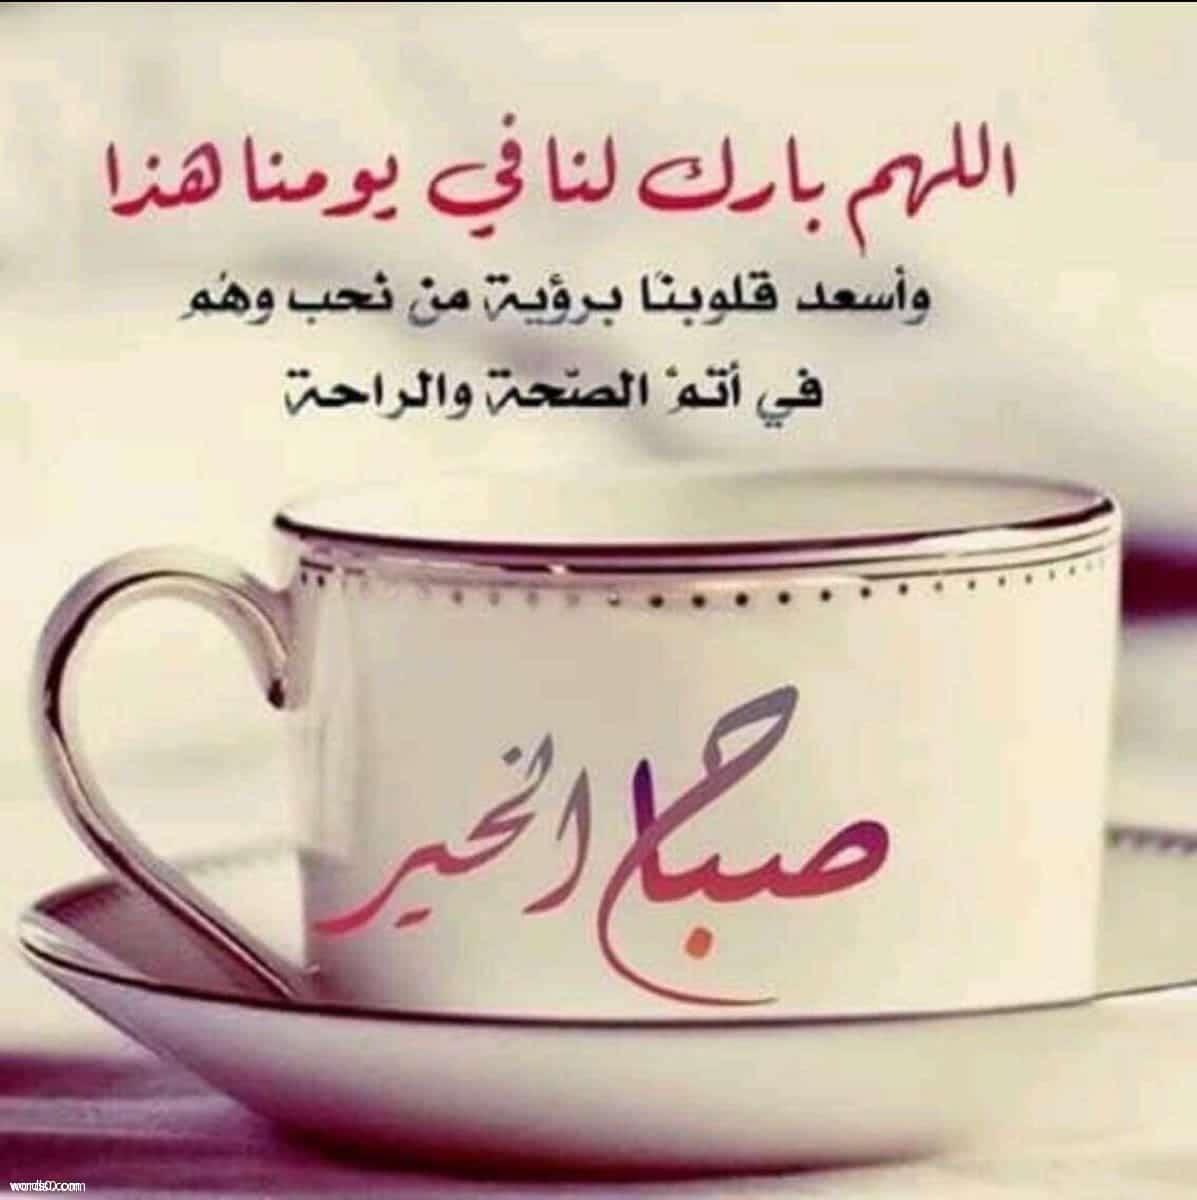 بالصور كلمة عن الصباح , اجمل كلمات عن اجمل صباح 12342 2